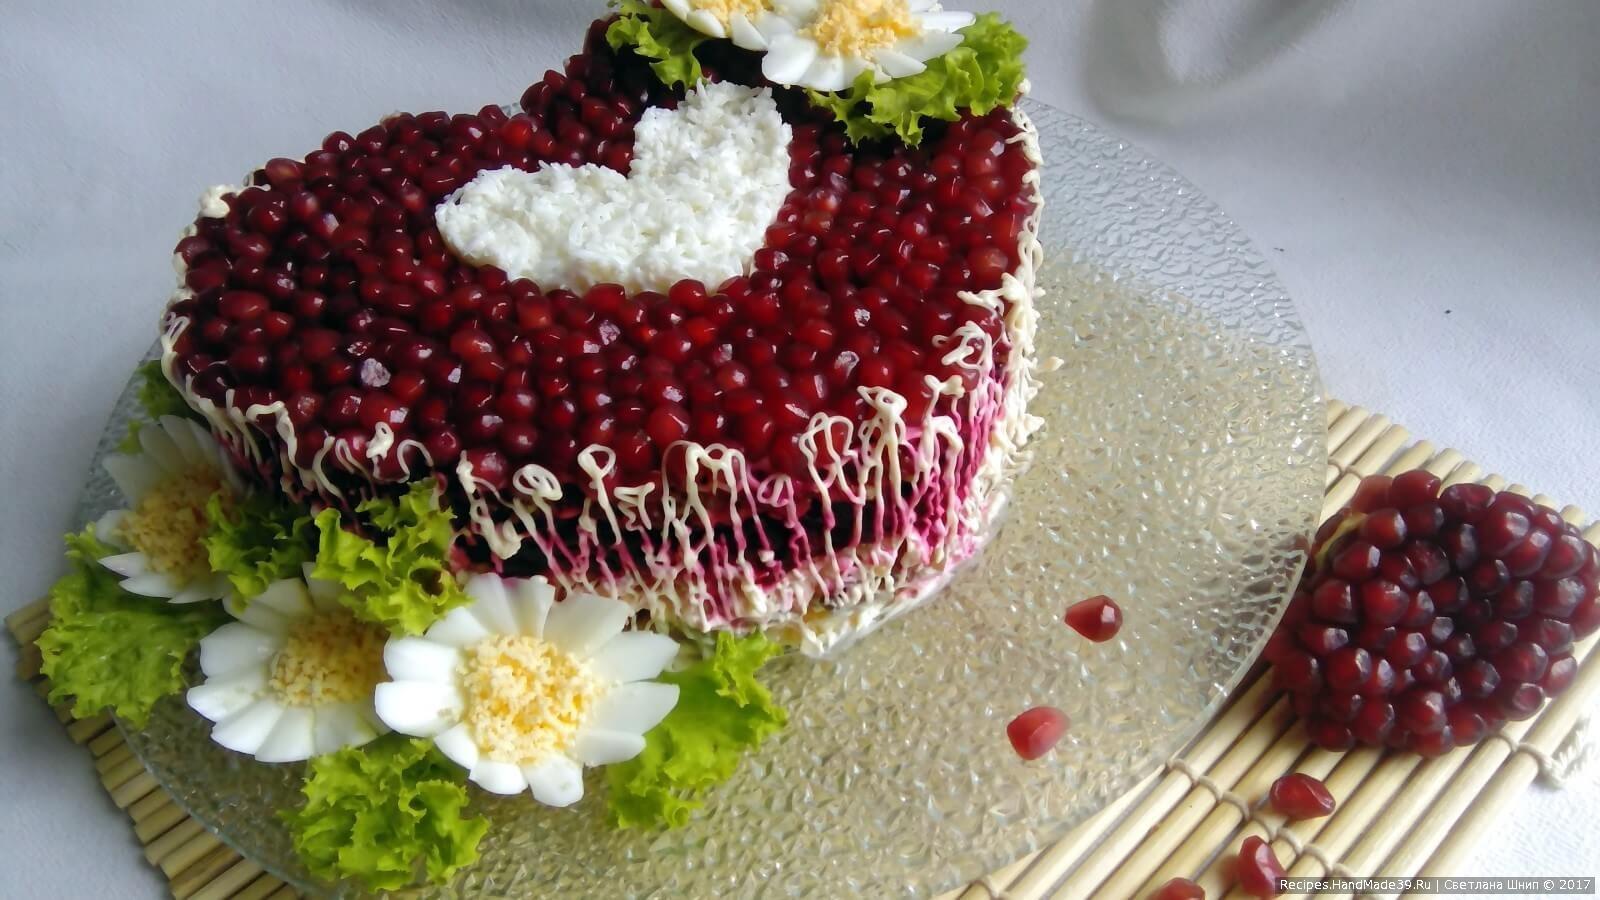 Вырезать цветочки из варёного яйца. Дополнительно использовать листья салата. Салат «Гранатовое сердце» с курицей и грибами готов, приятного аппетита!